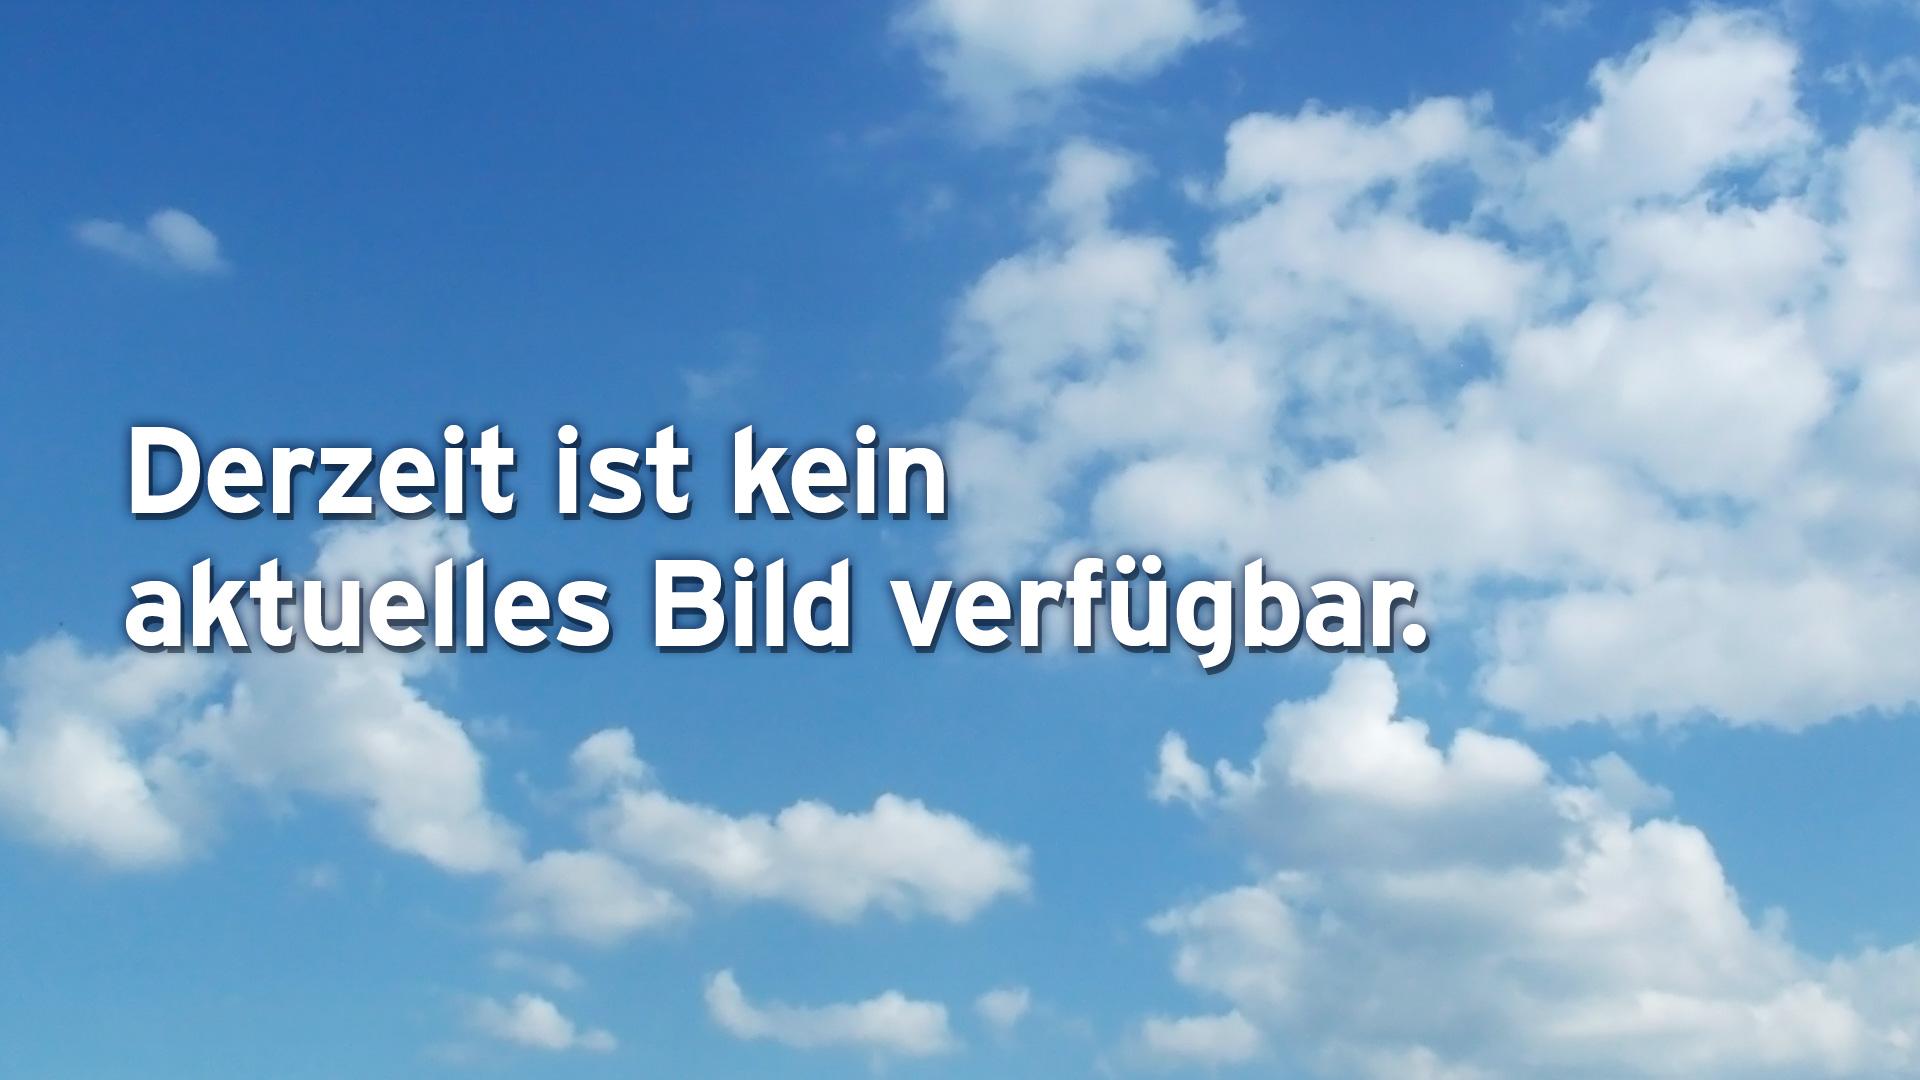 Tuxer Fernerhaus, Hintertuxer Gletscher